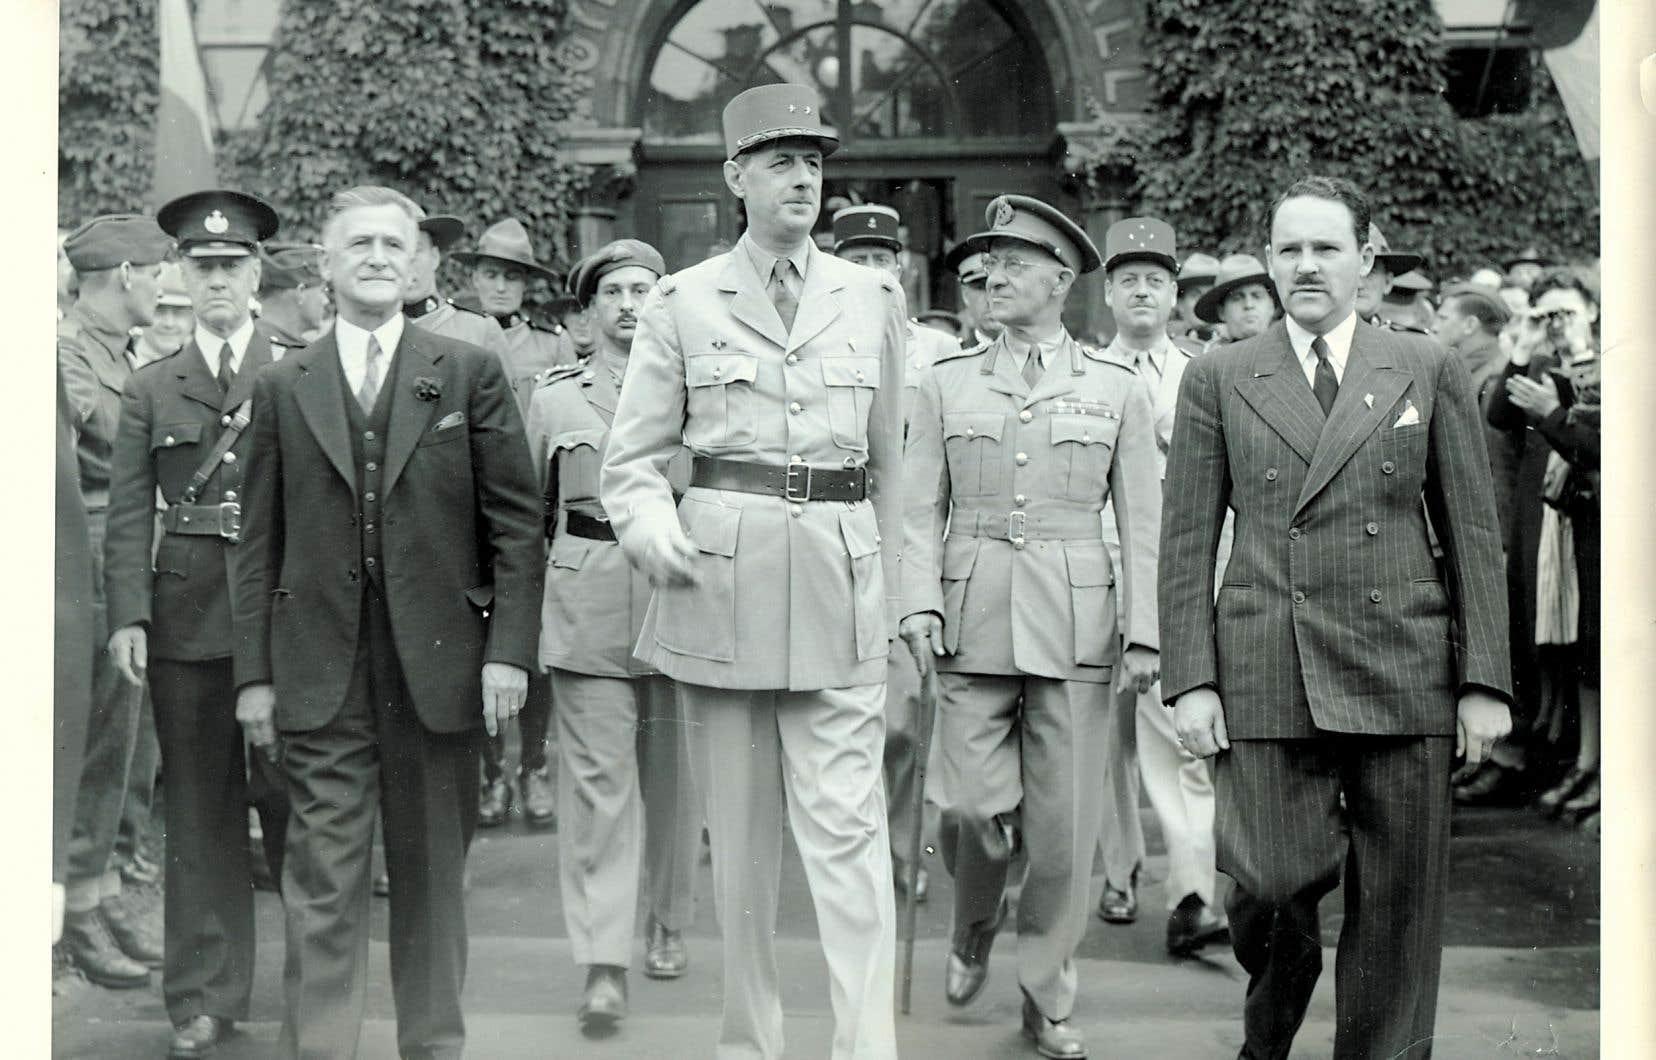 Le général Charles de Gaulle aux côtés du maire de Québec Lucien Borne, à gauche, lors de son passage dans la Vieille Capitale, le 12 juillet 1944